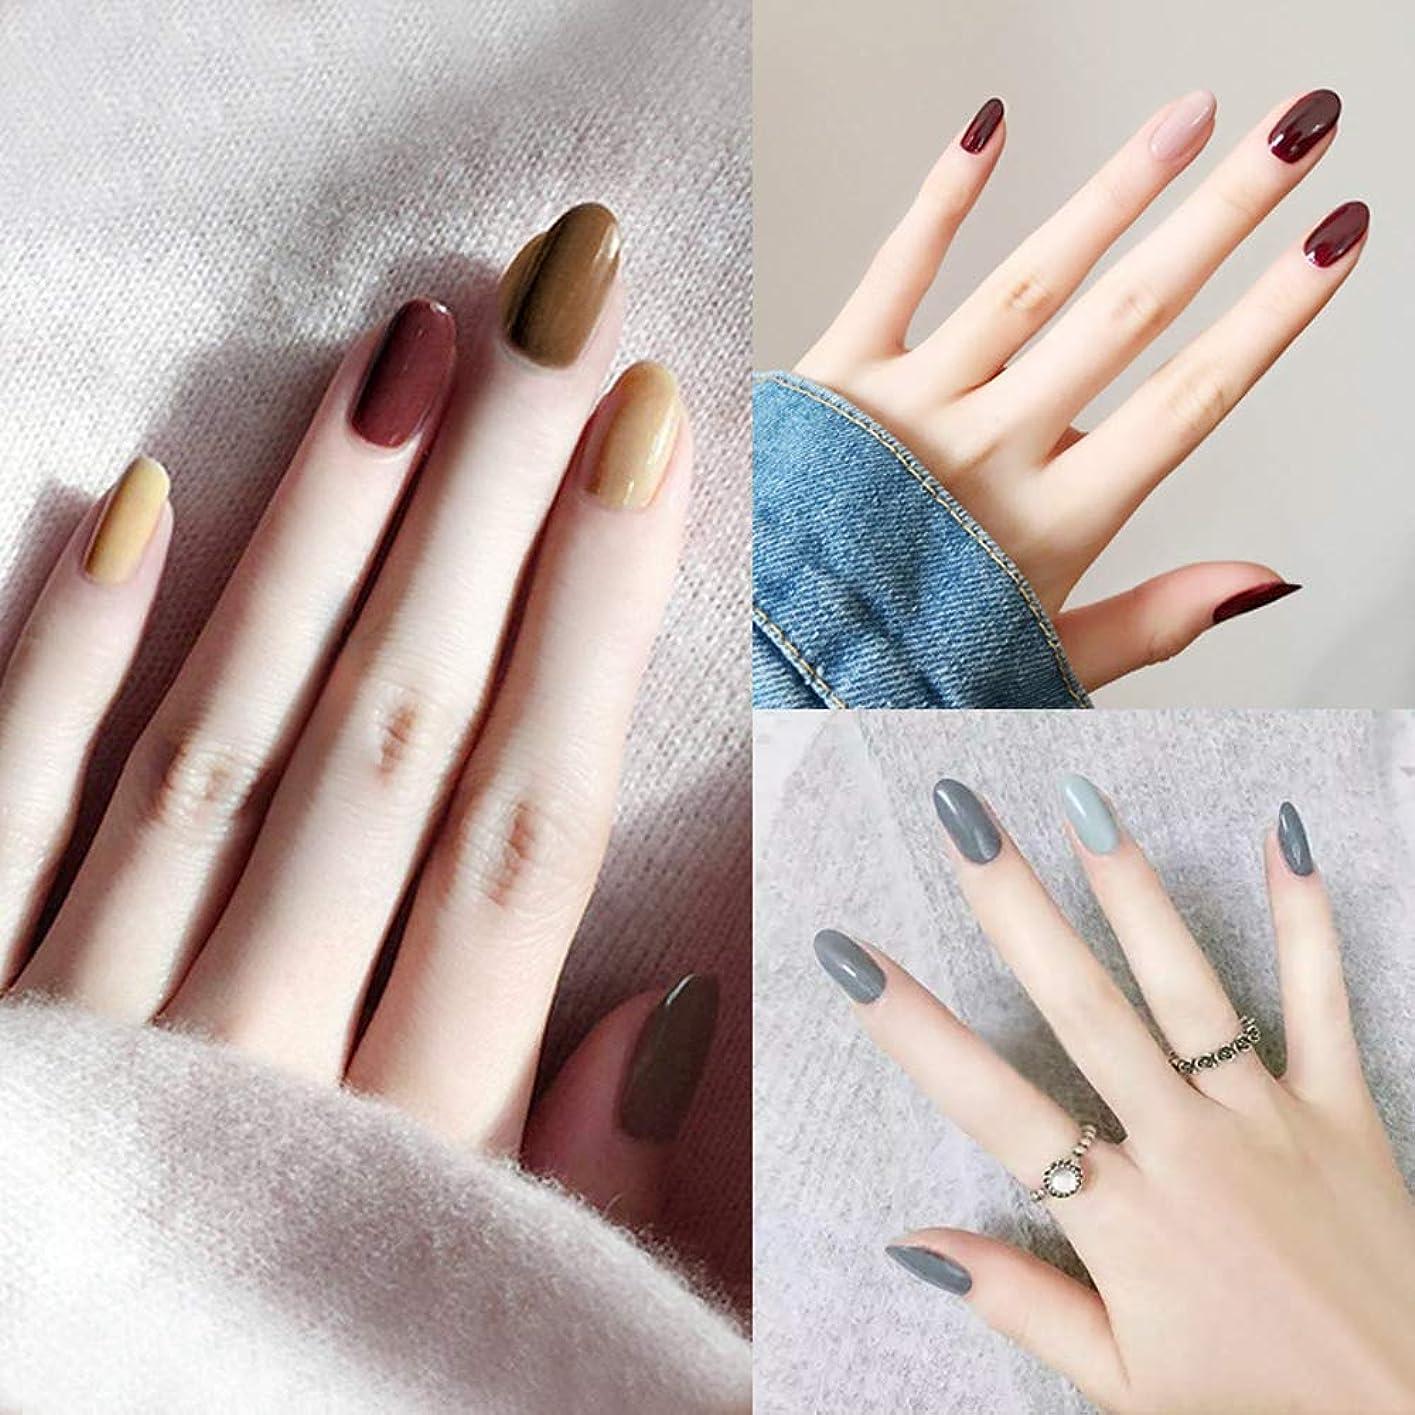 リース財団コントラストファッションレッドクリームインクハリスタイル偽爪純粋な色偽爪24ピースフルブライダルネイルのヒント滑らかな指装飾のヒント接着剤付き人工爪